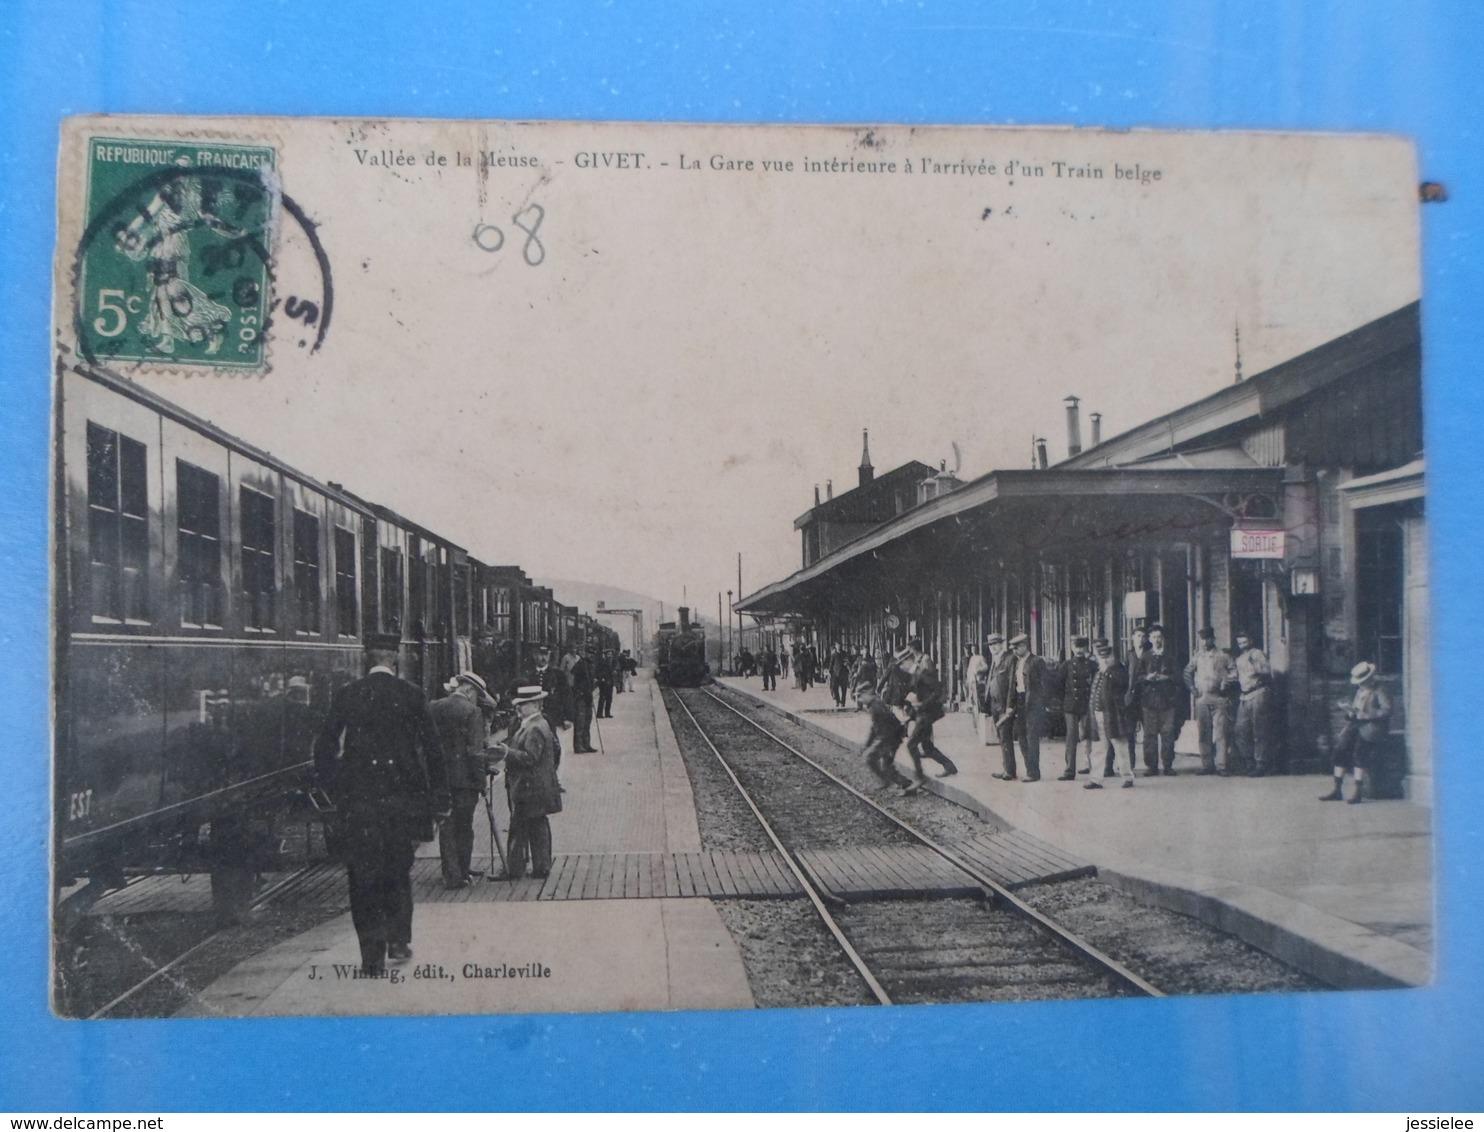 CPA ARRIVEE DU TRAIN VALLEE DE LA MEUSE GIVET - Gares - Avec Trains